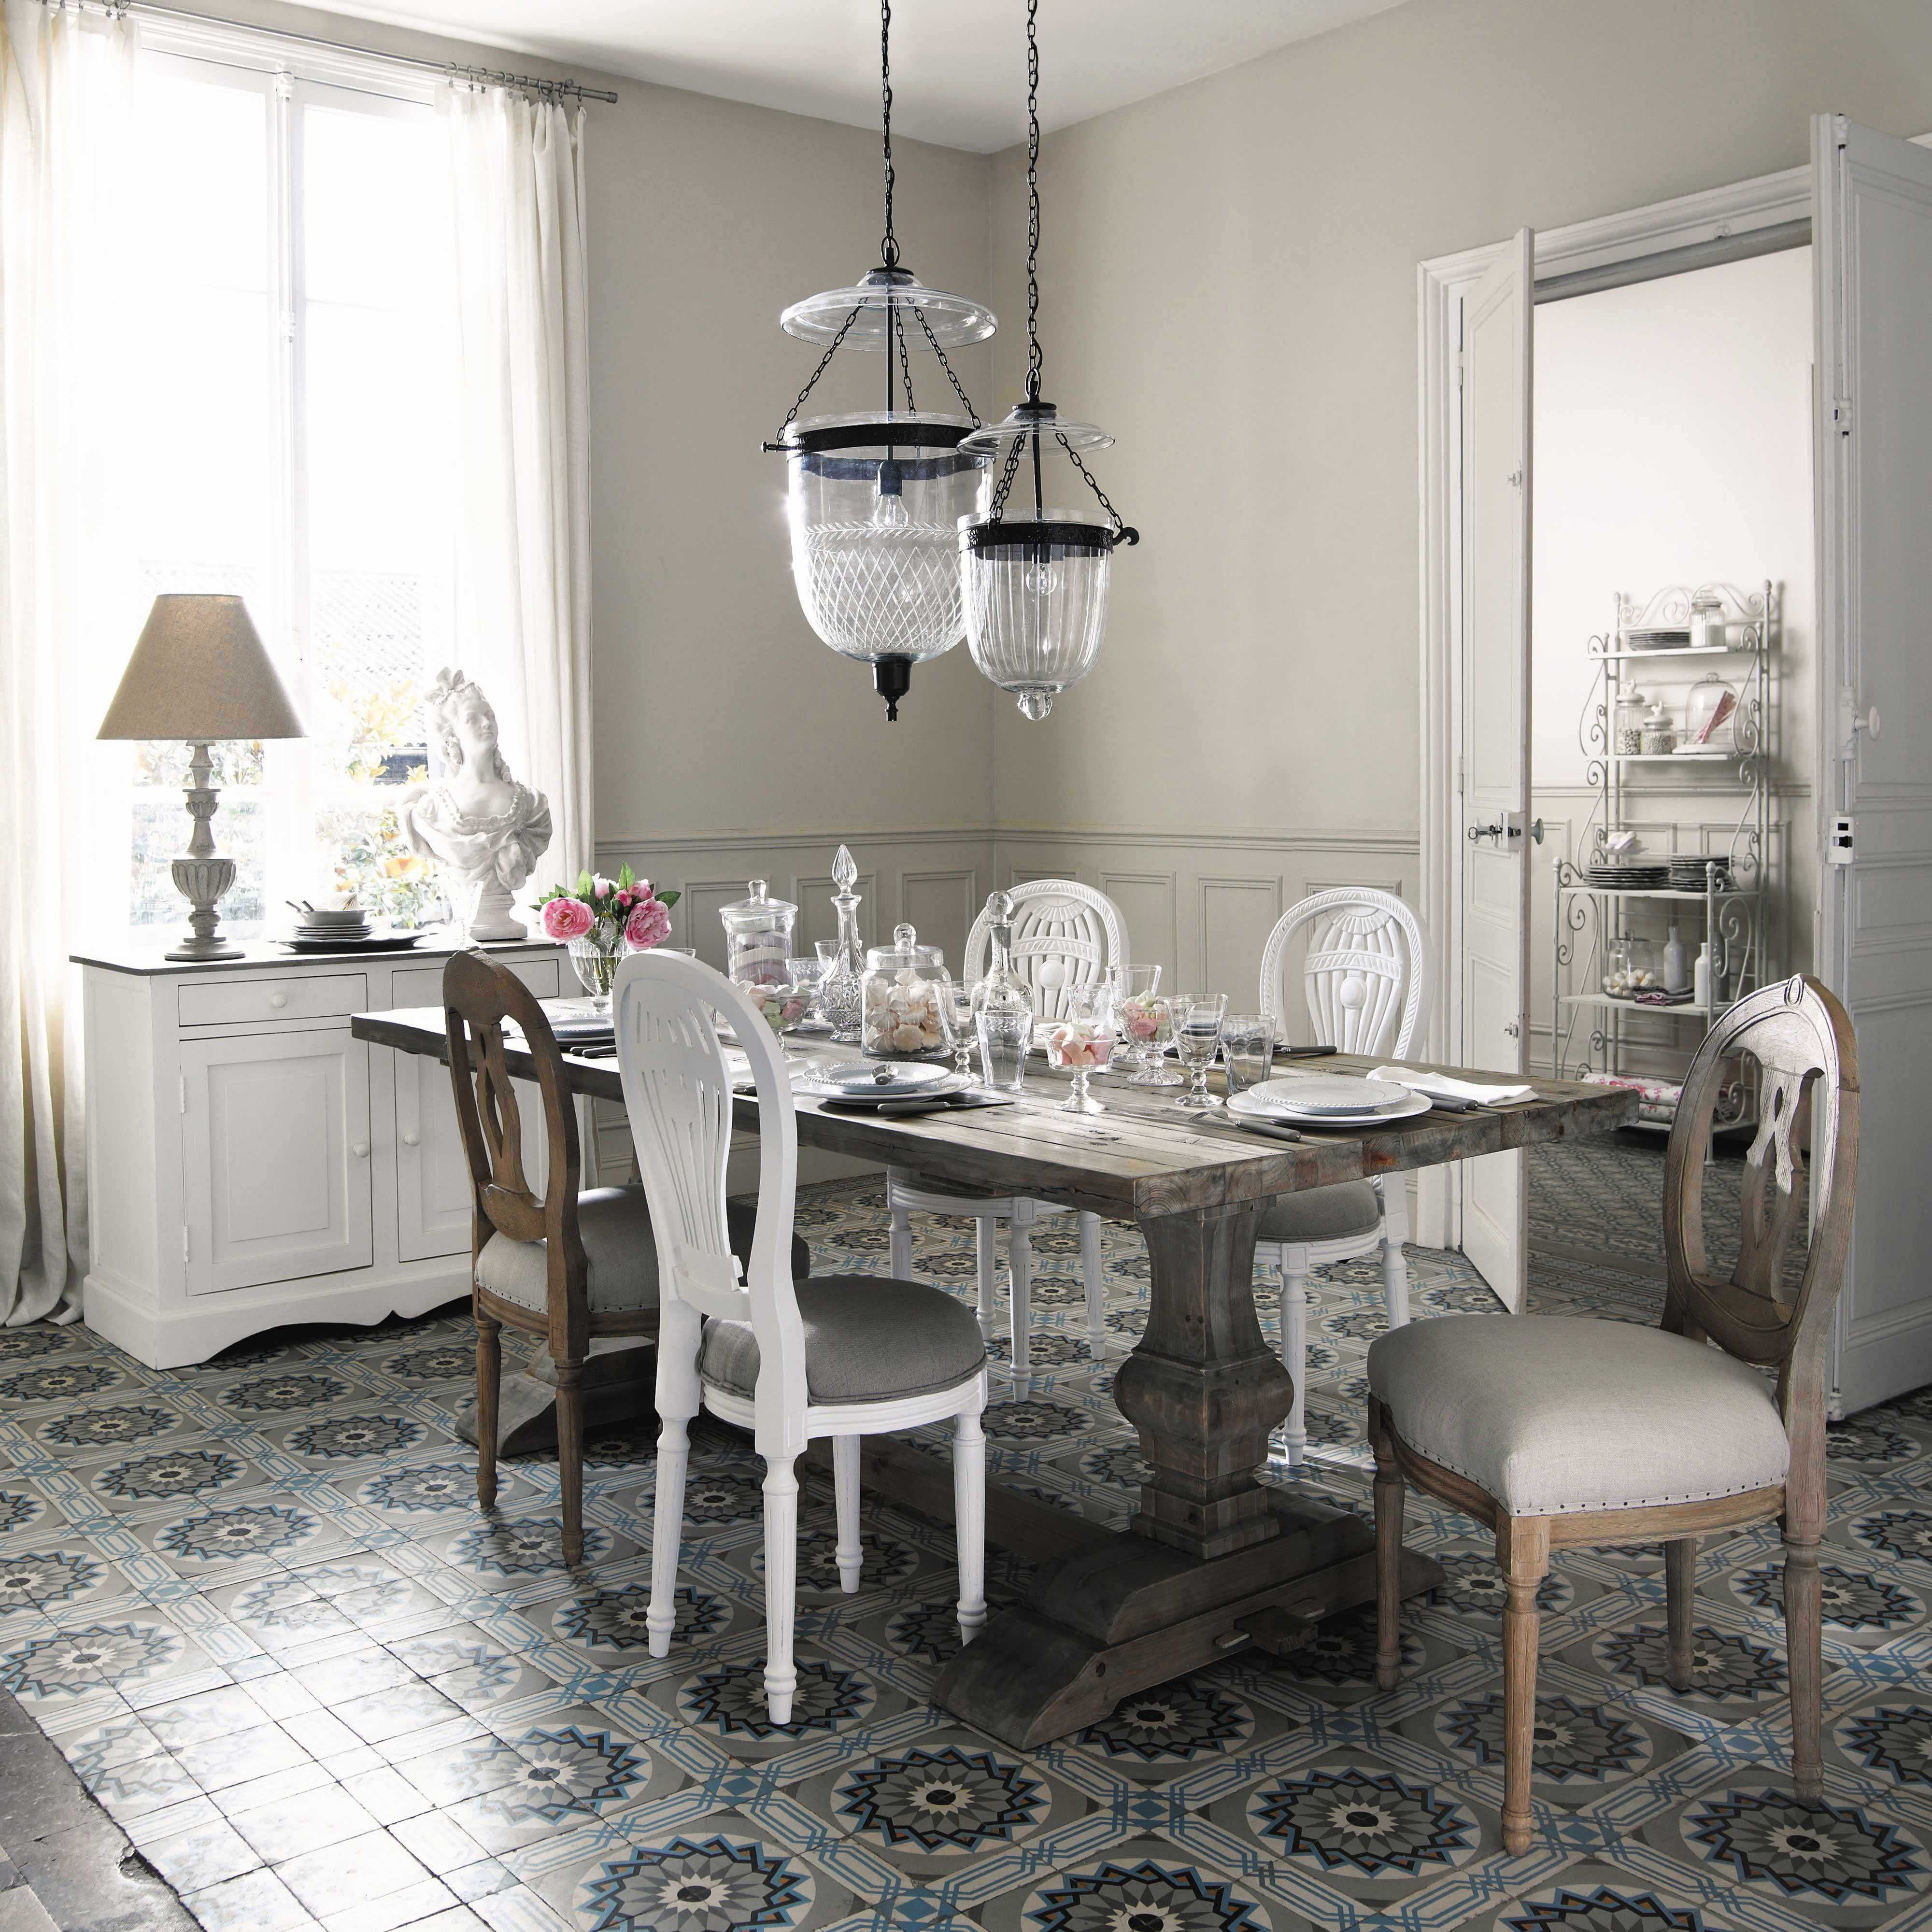 ee8df2c4aa7906a4baf961250c0b04c5 Incroyable De Maison Du Monde Table Basse De Salon Concept